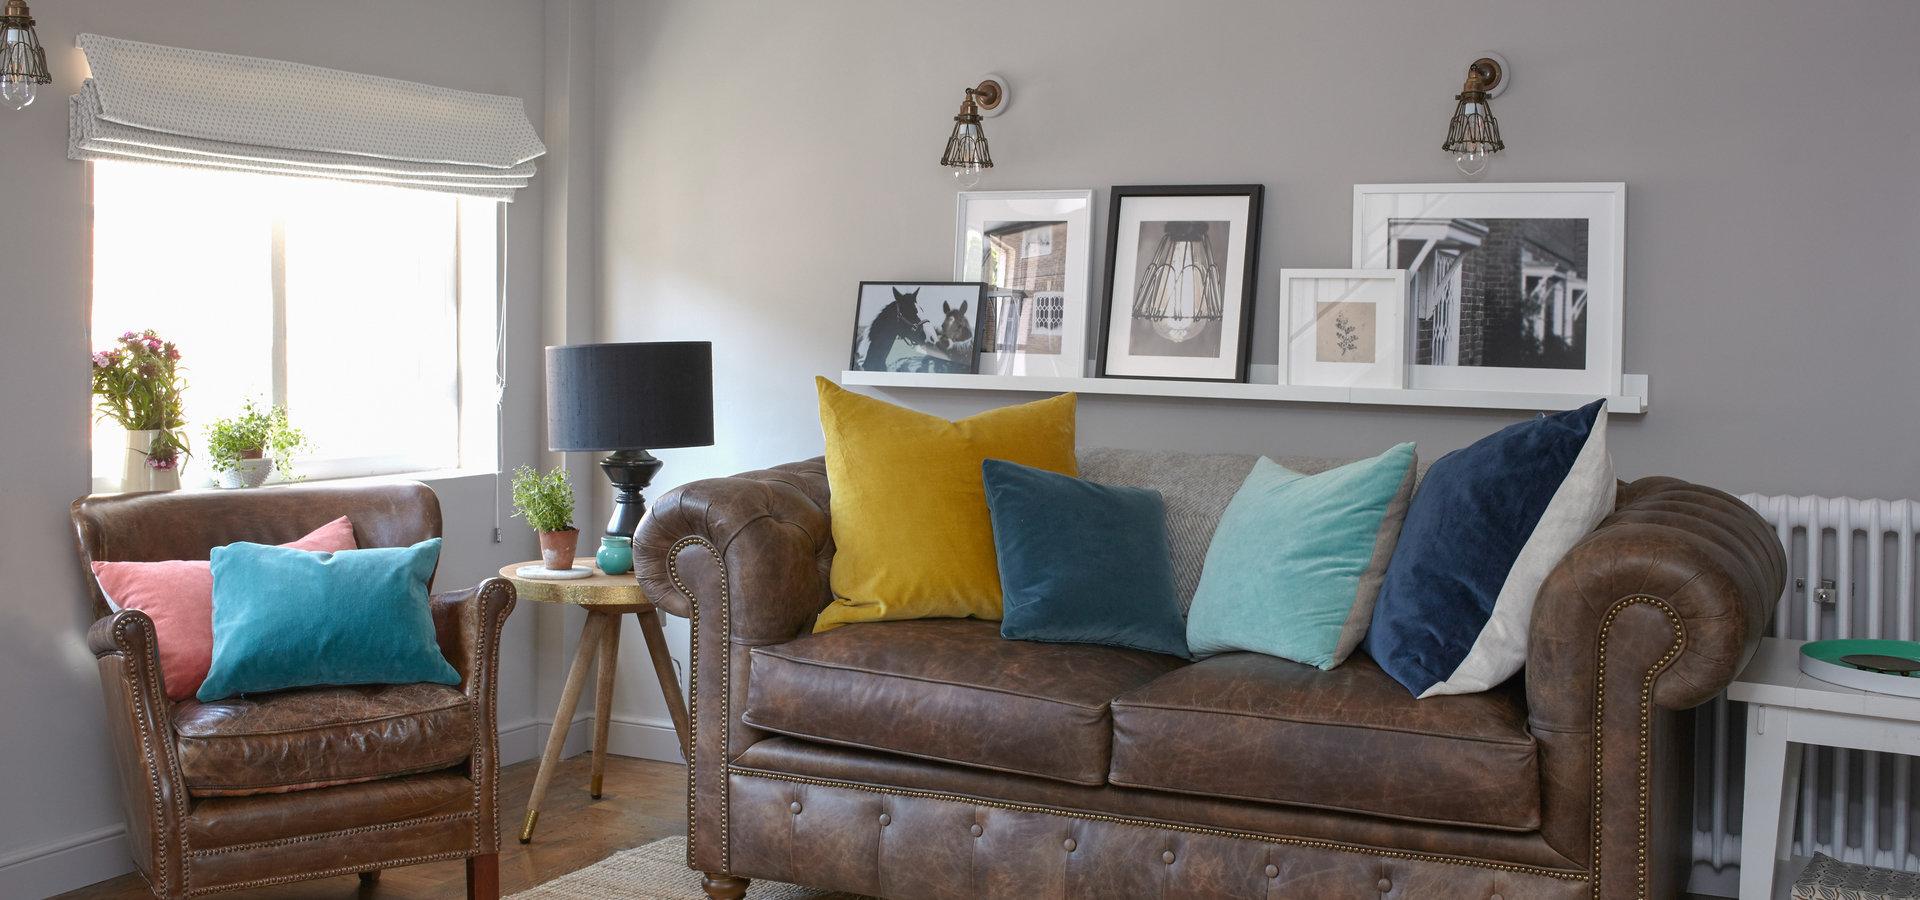 George Clarke w Domo+ remontuje Wielką Brytanię i jej historyczne budynki